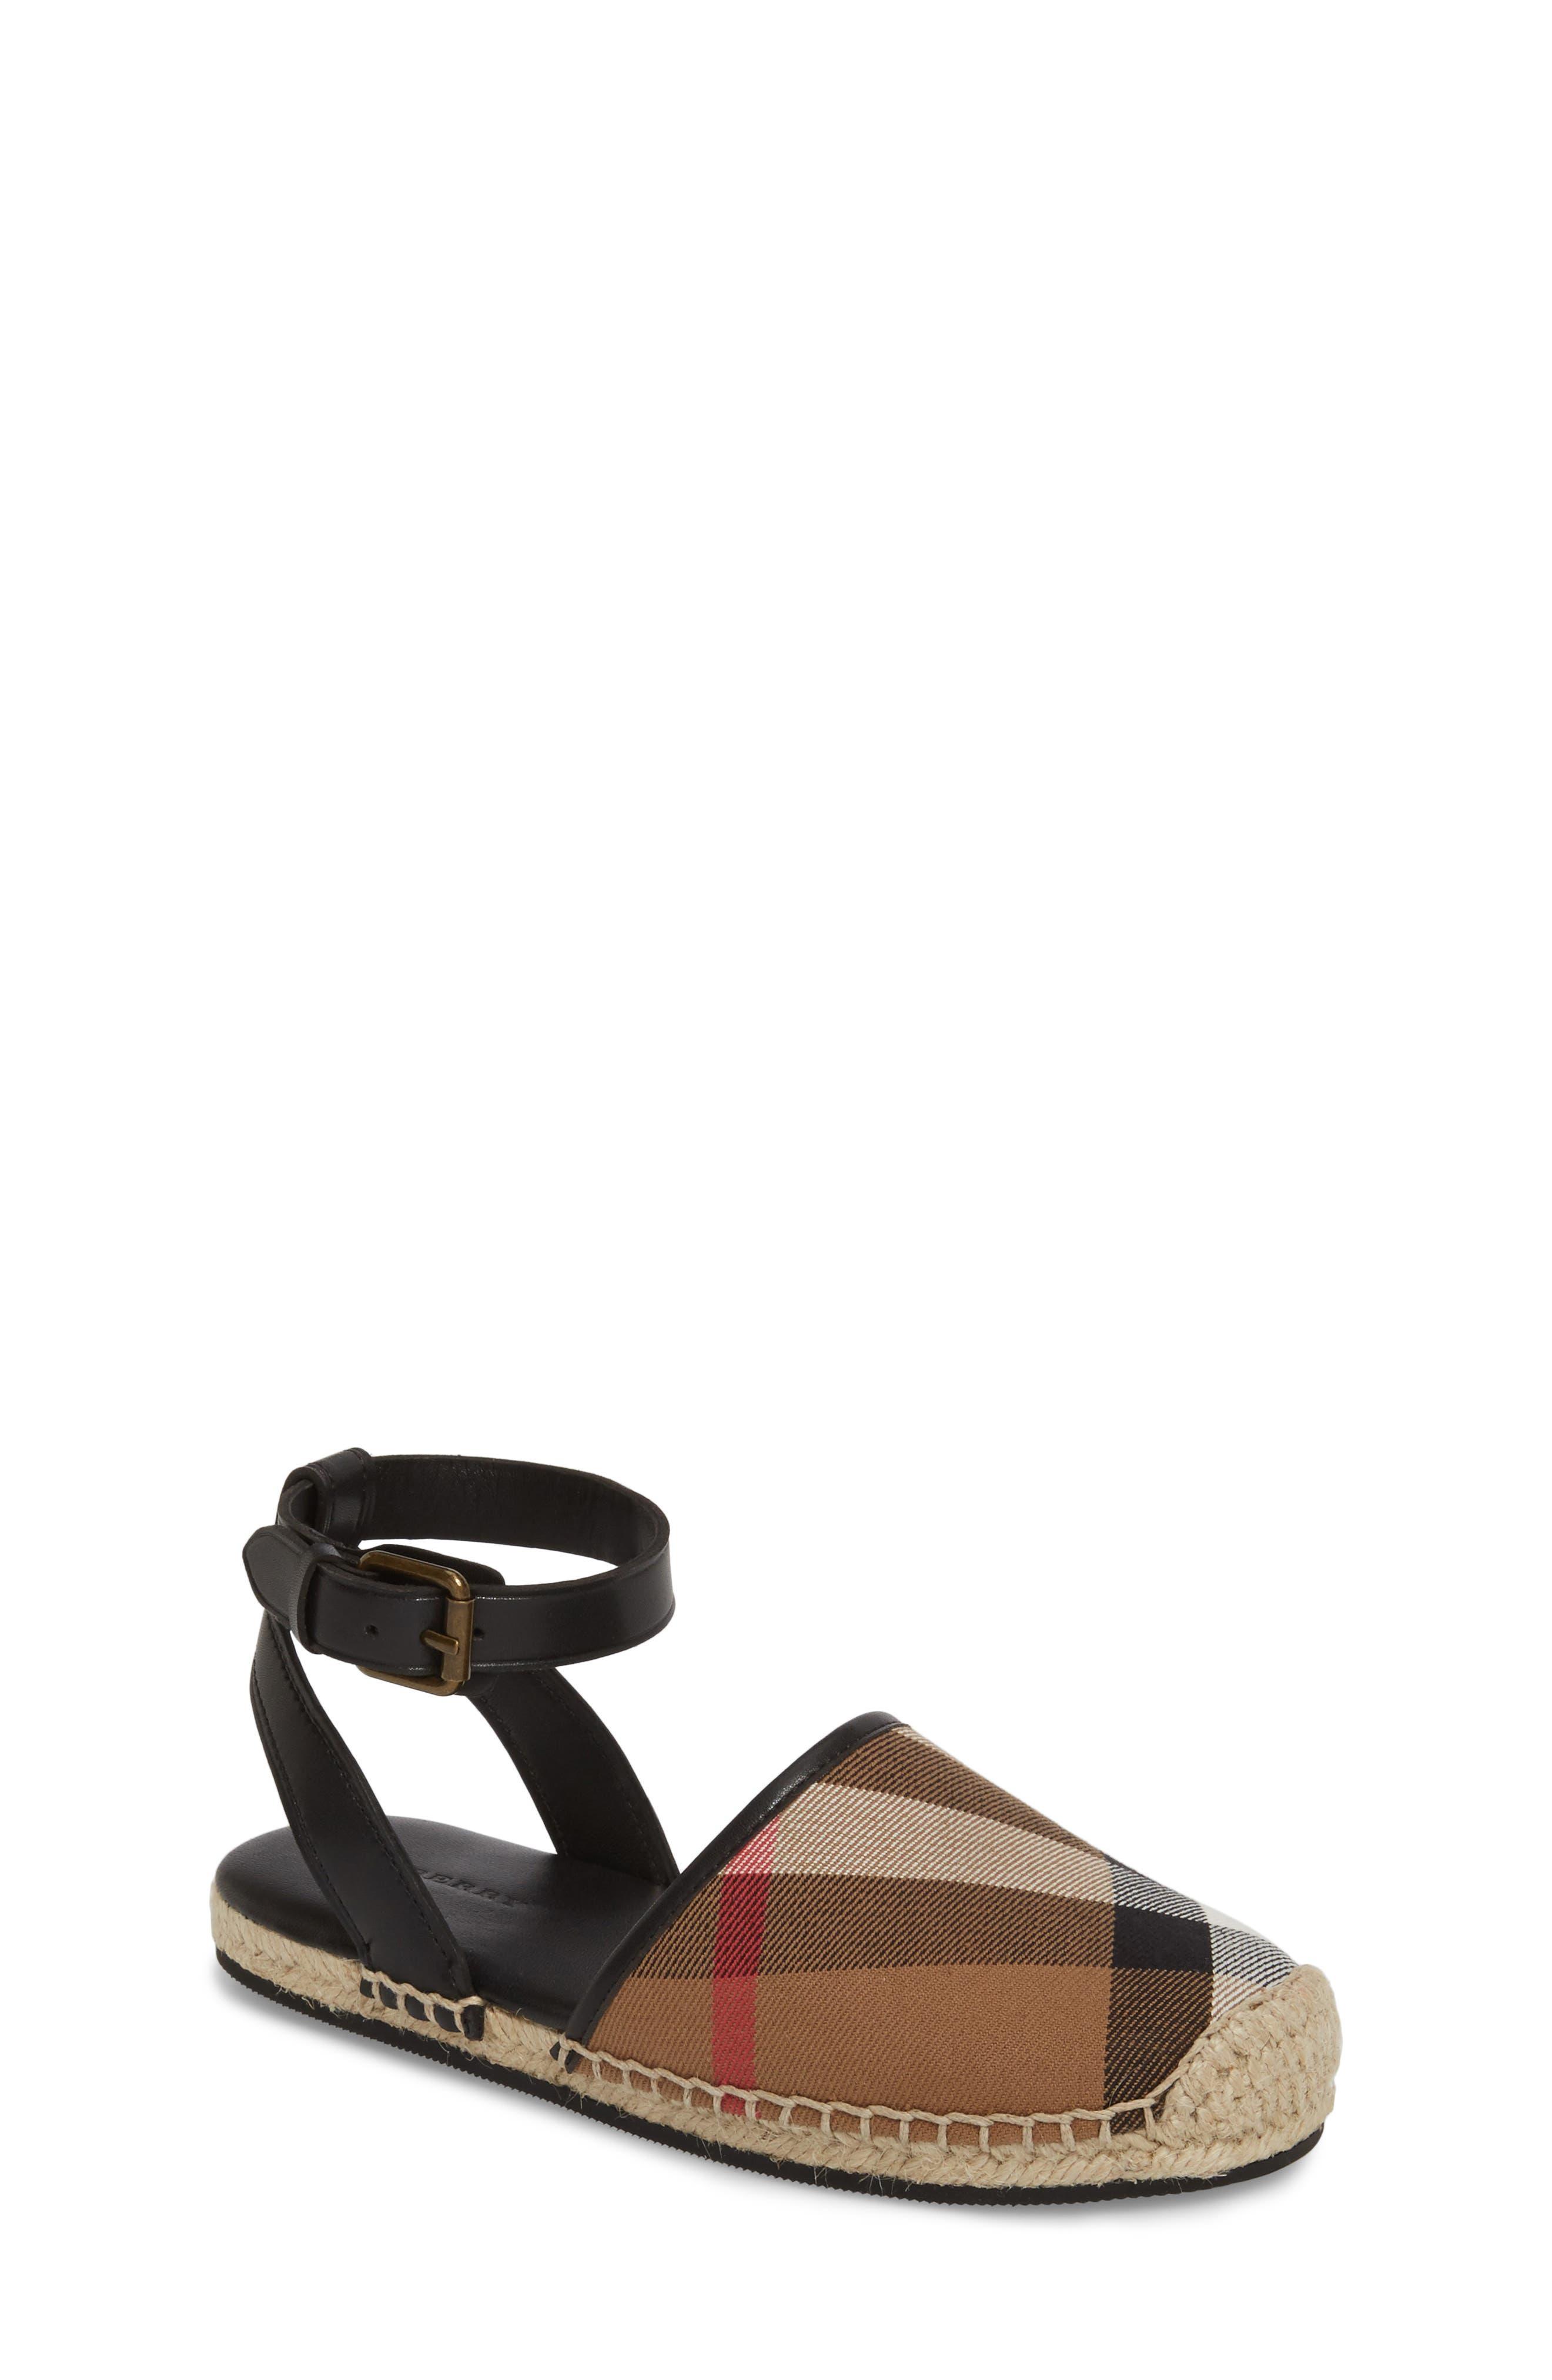 Perth Ankle Strap Sandal,                             Main thumbnail 1, color,                             BLACK